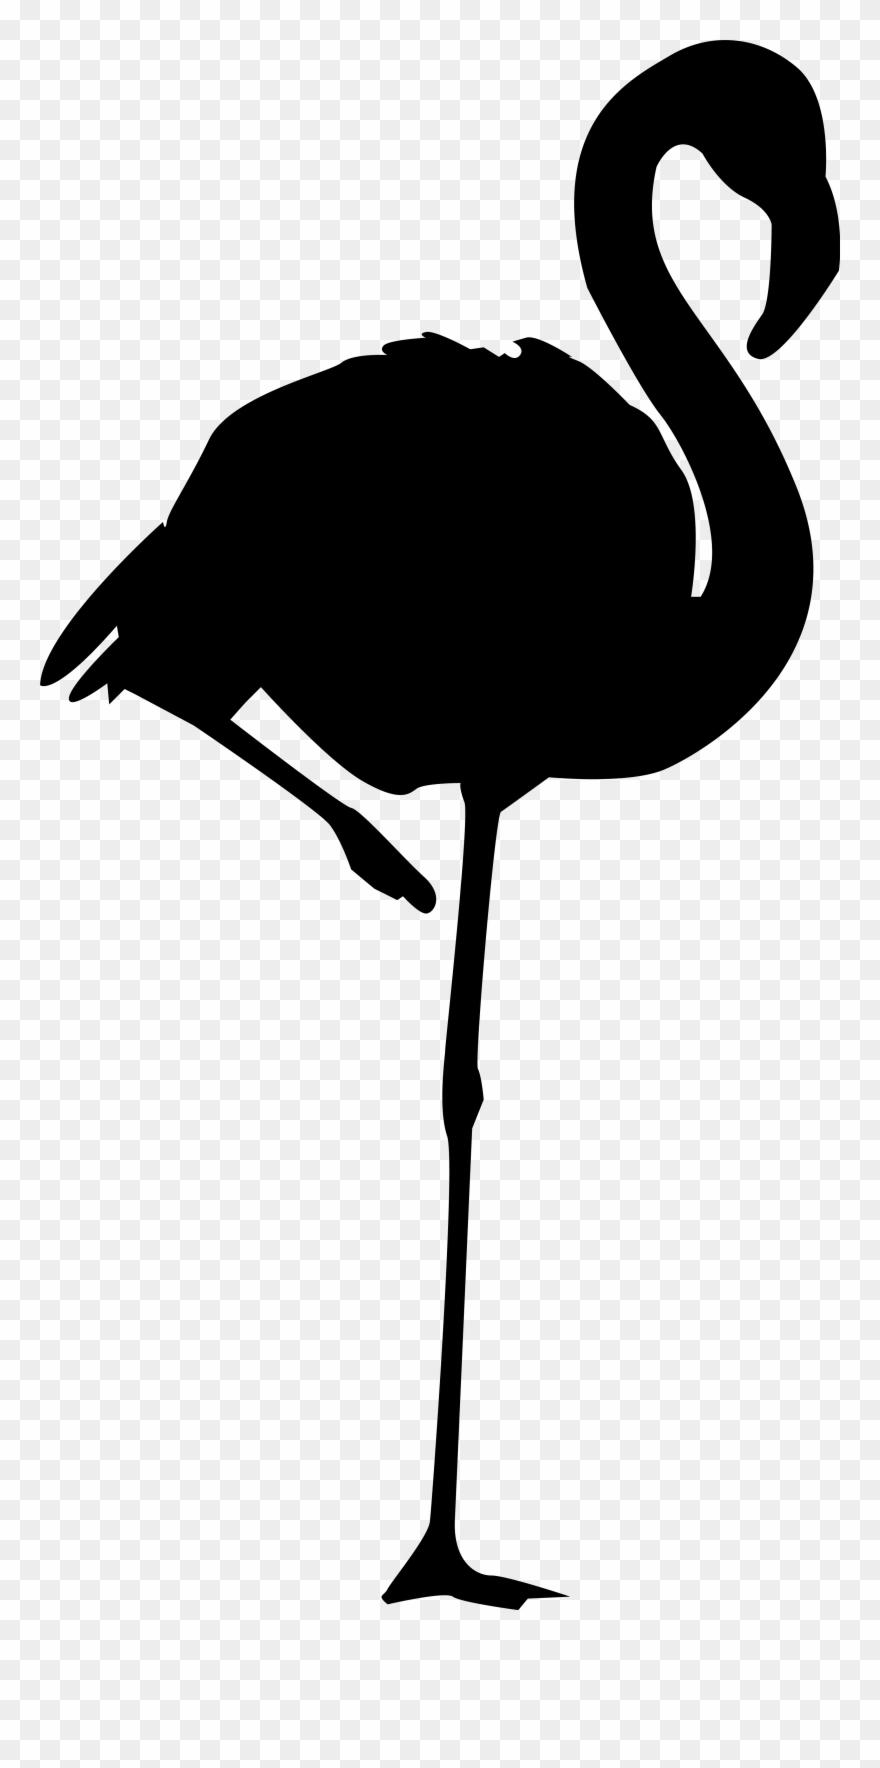 Flamingo Silhouette At Getdrawings.